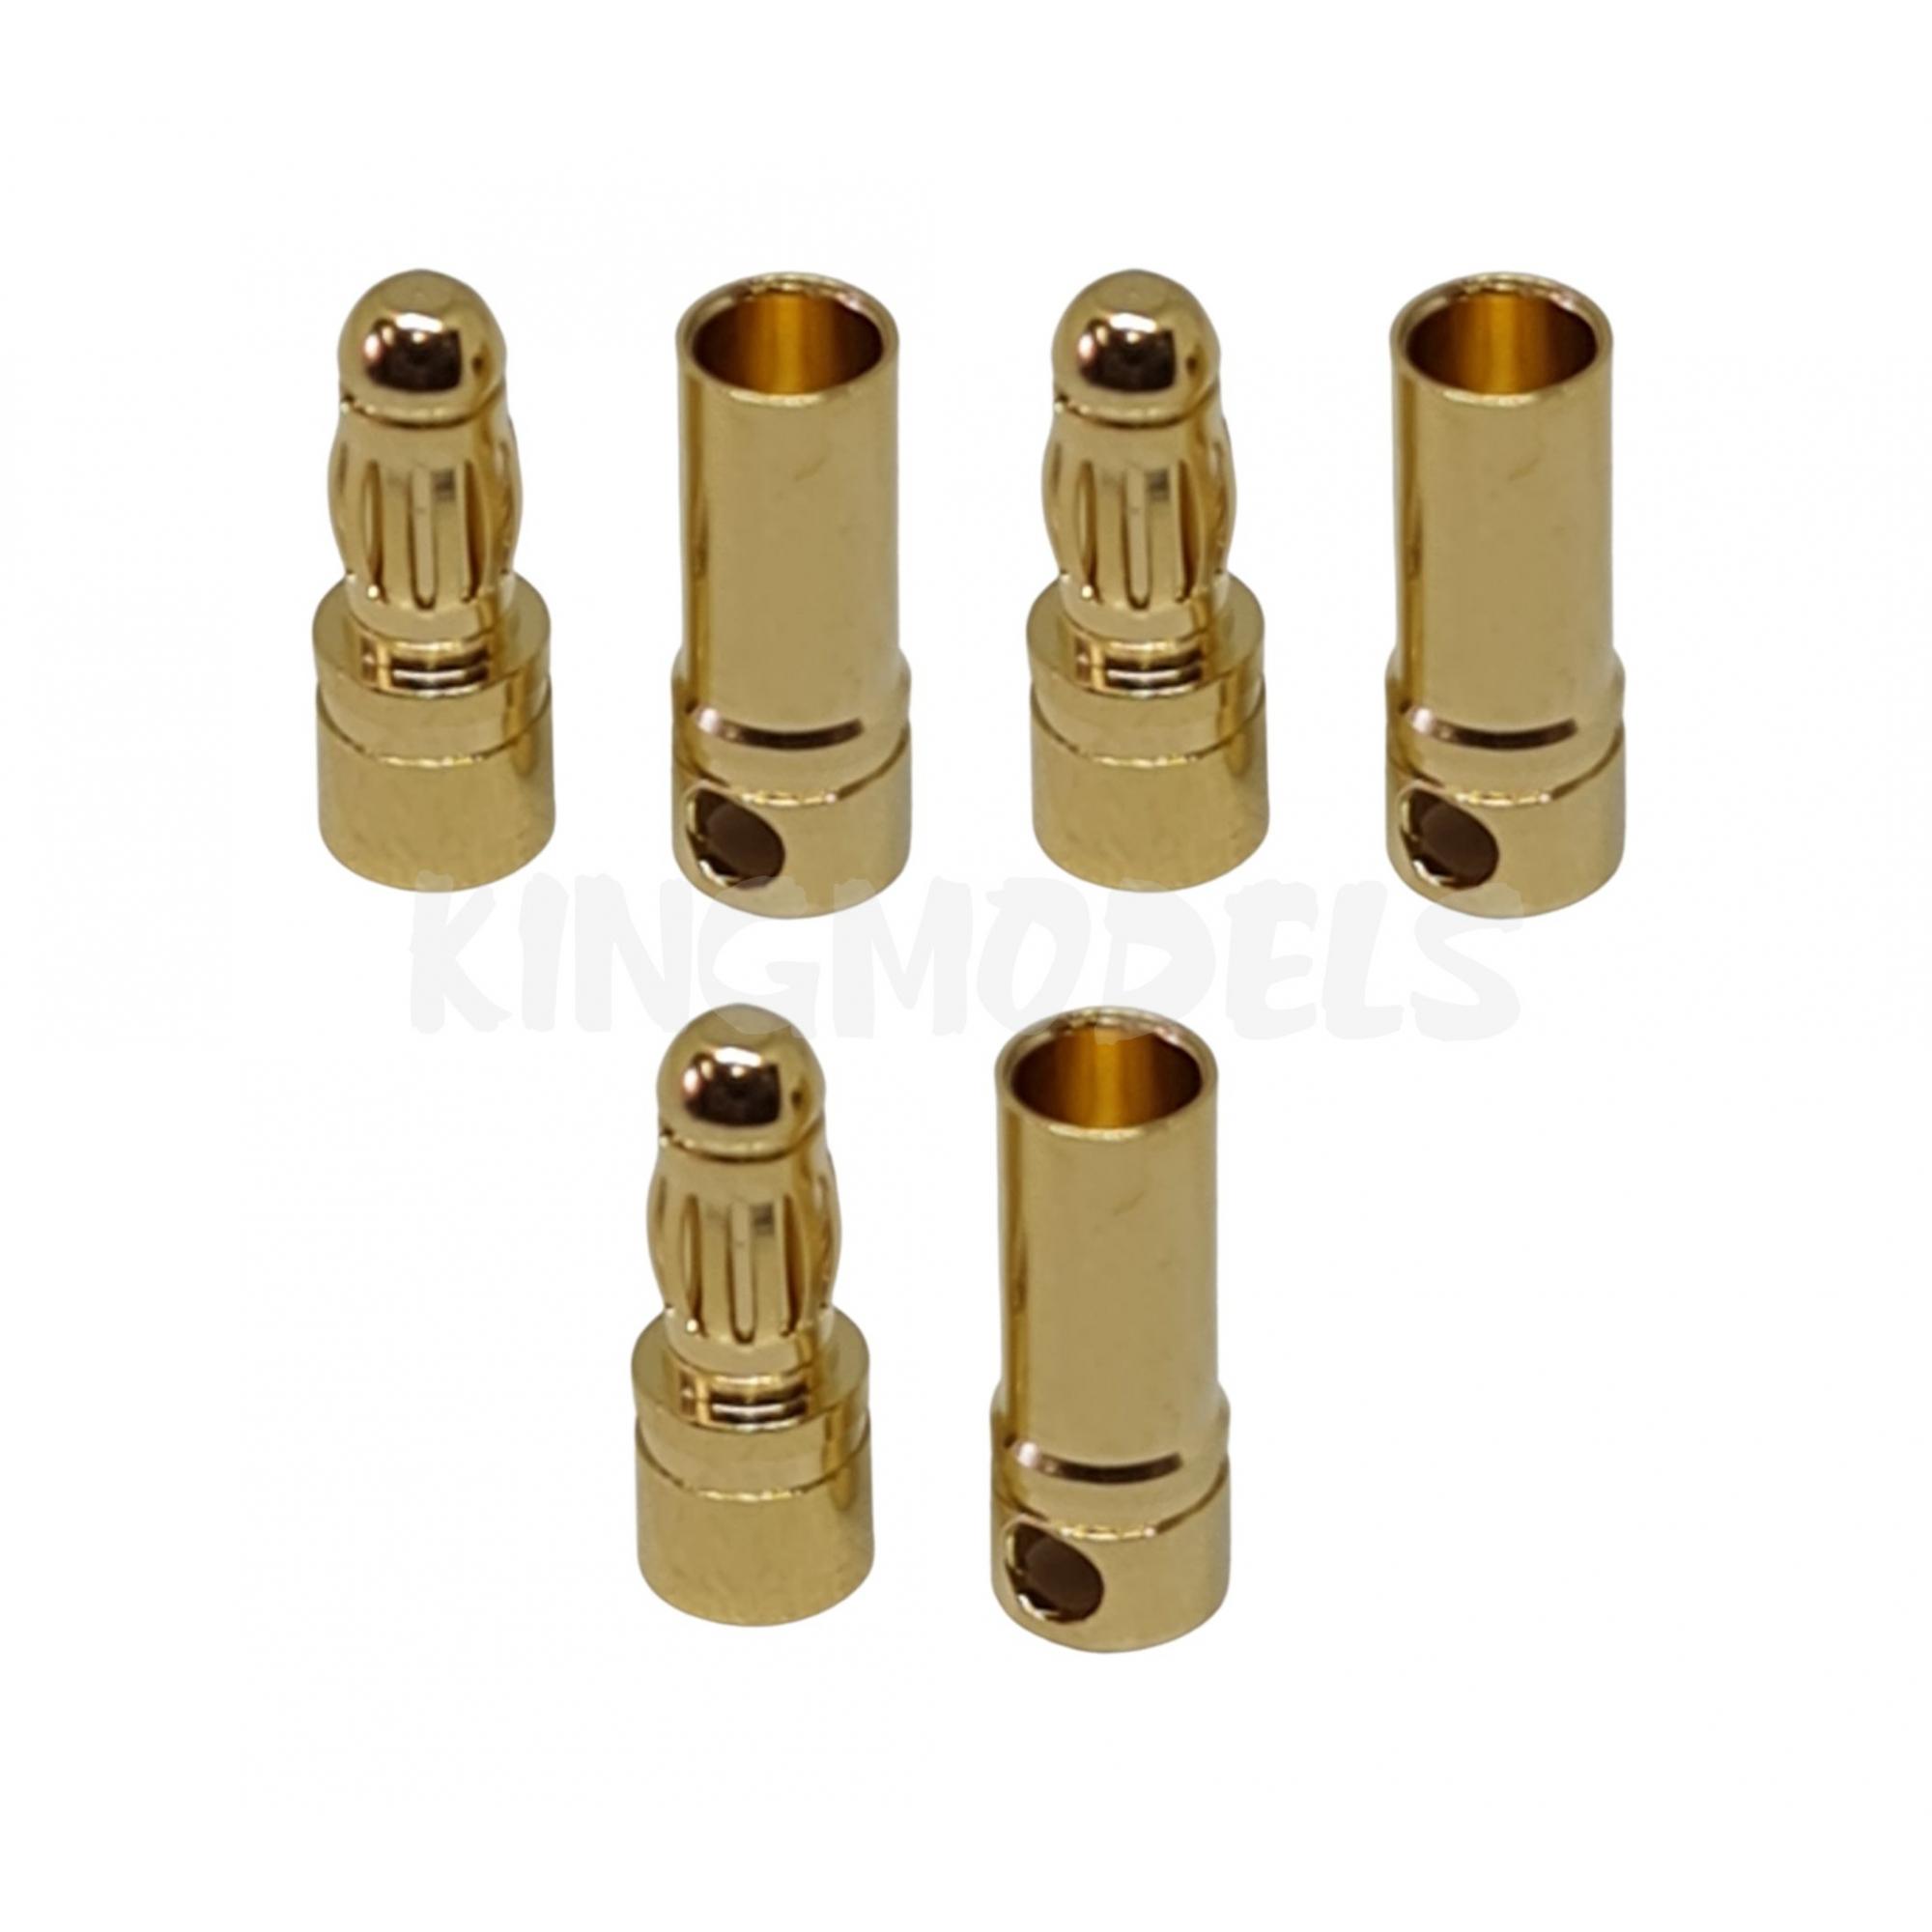 Conector Bullet(banana) 3.5mm para motores elétricos - 3 x Pares  - King Models